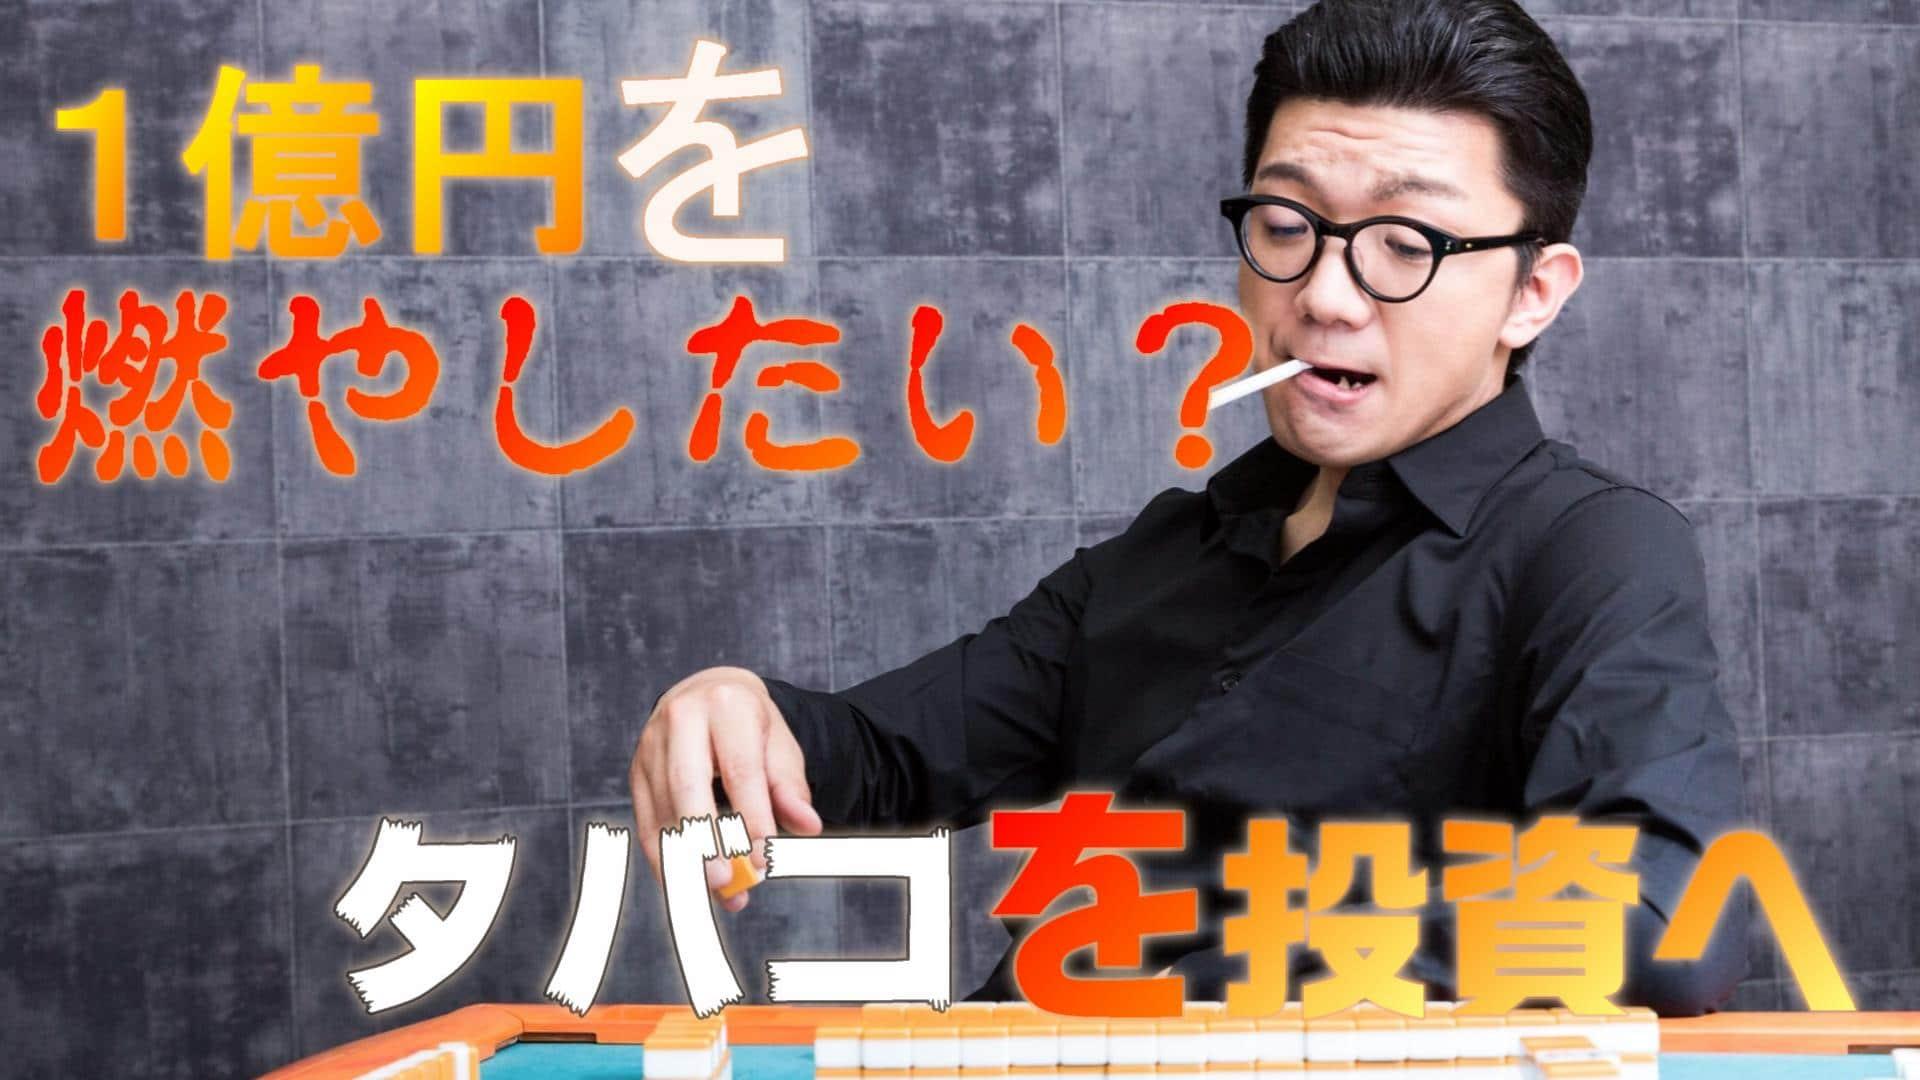 あなたは1億円の燃やしたいですか?タバコを投資へ